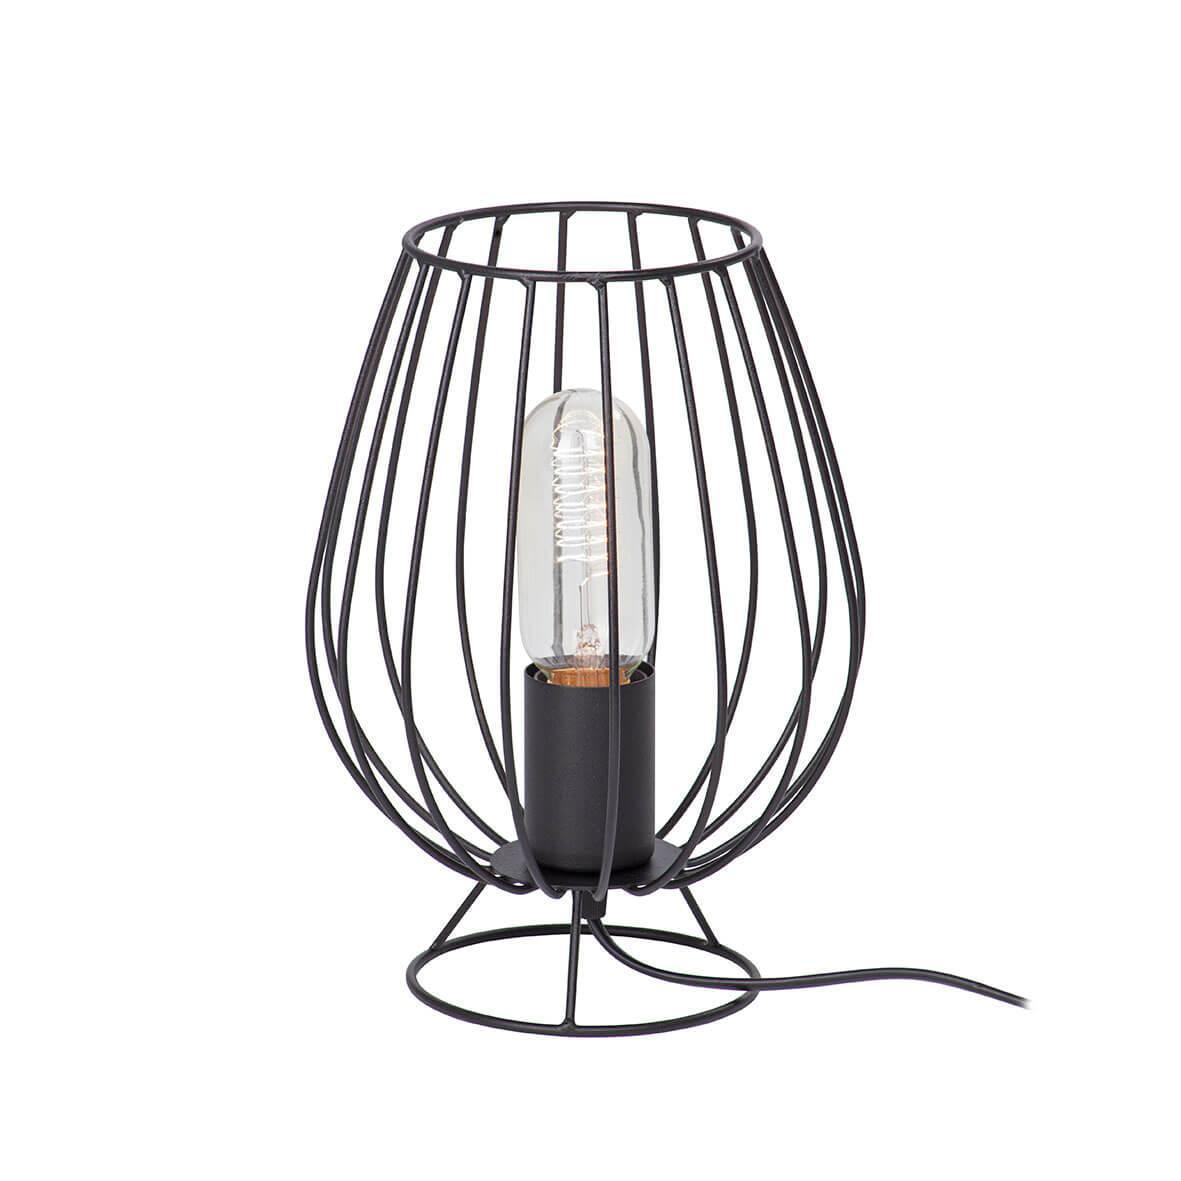 Настольный светильник Vitaluce V4296-1/1L, E27, 60 Вт